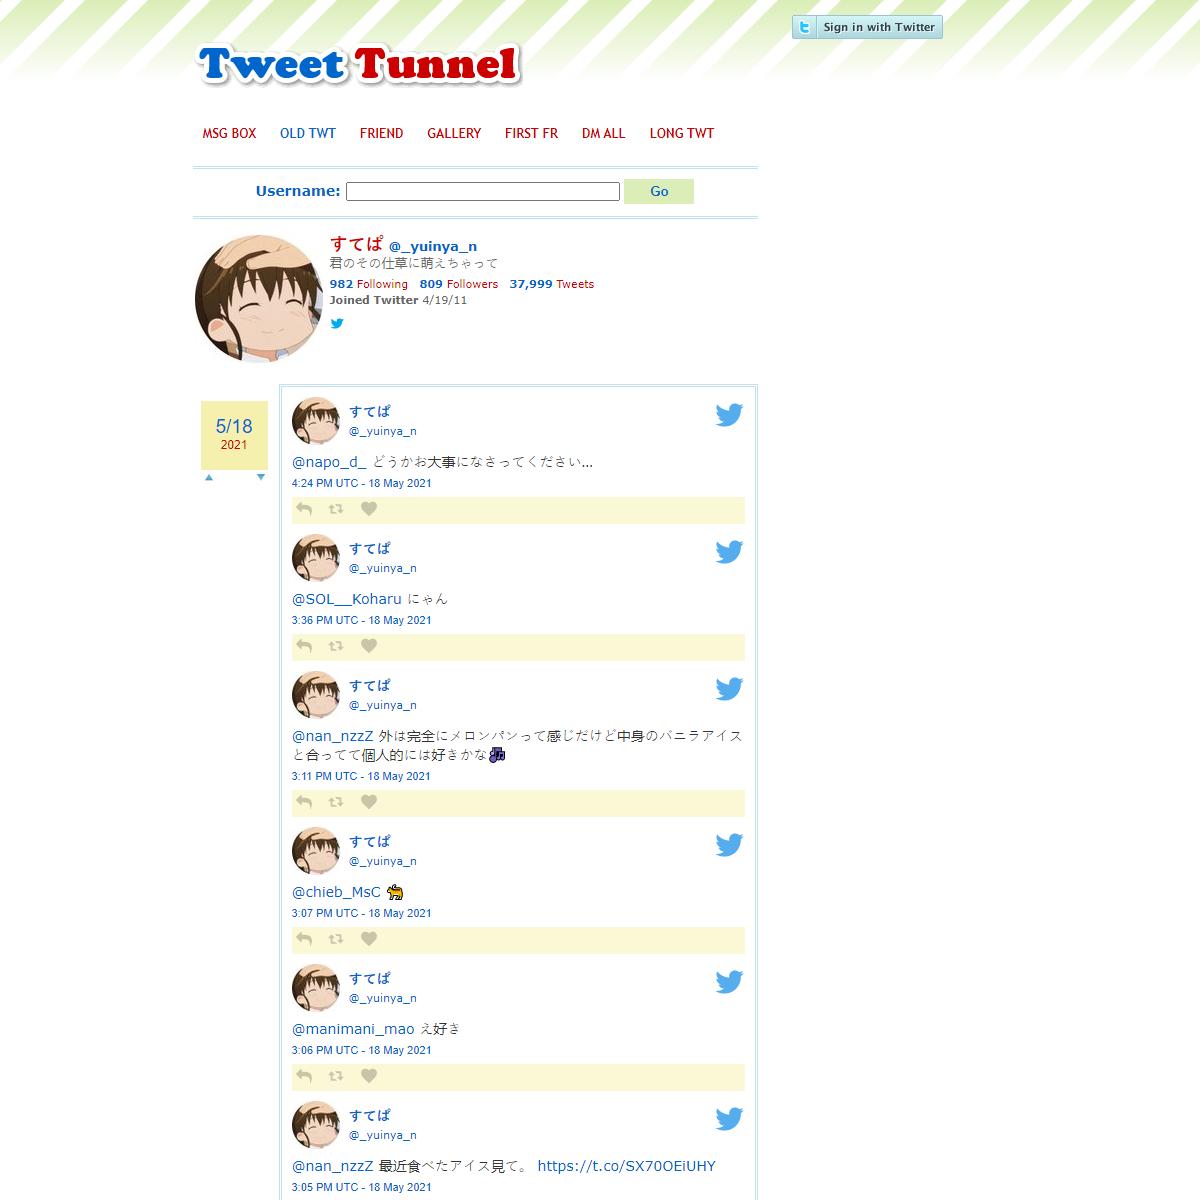 Old Tweets- _yuinya_n (すてぱ)